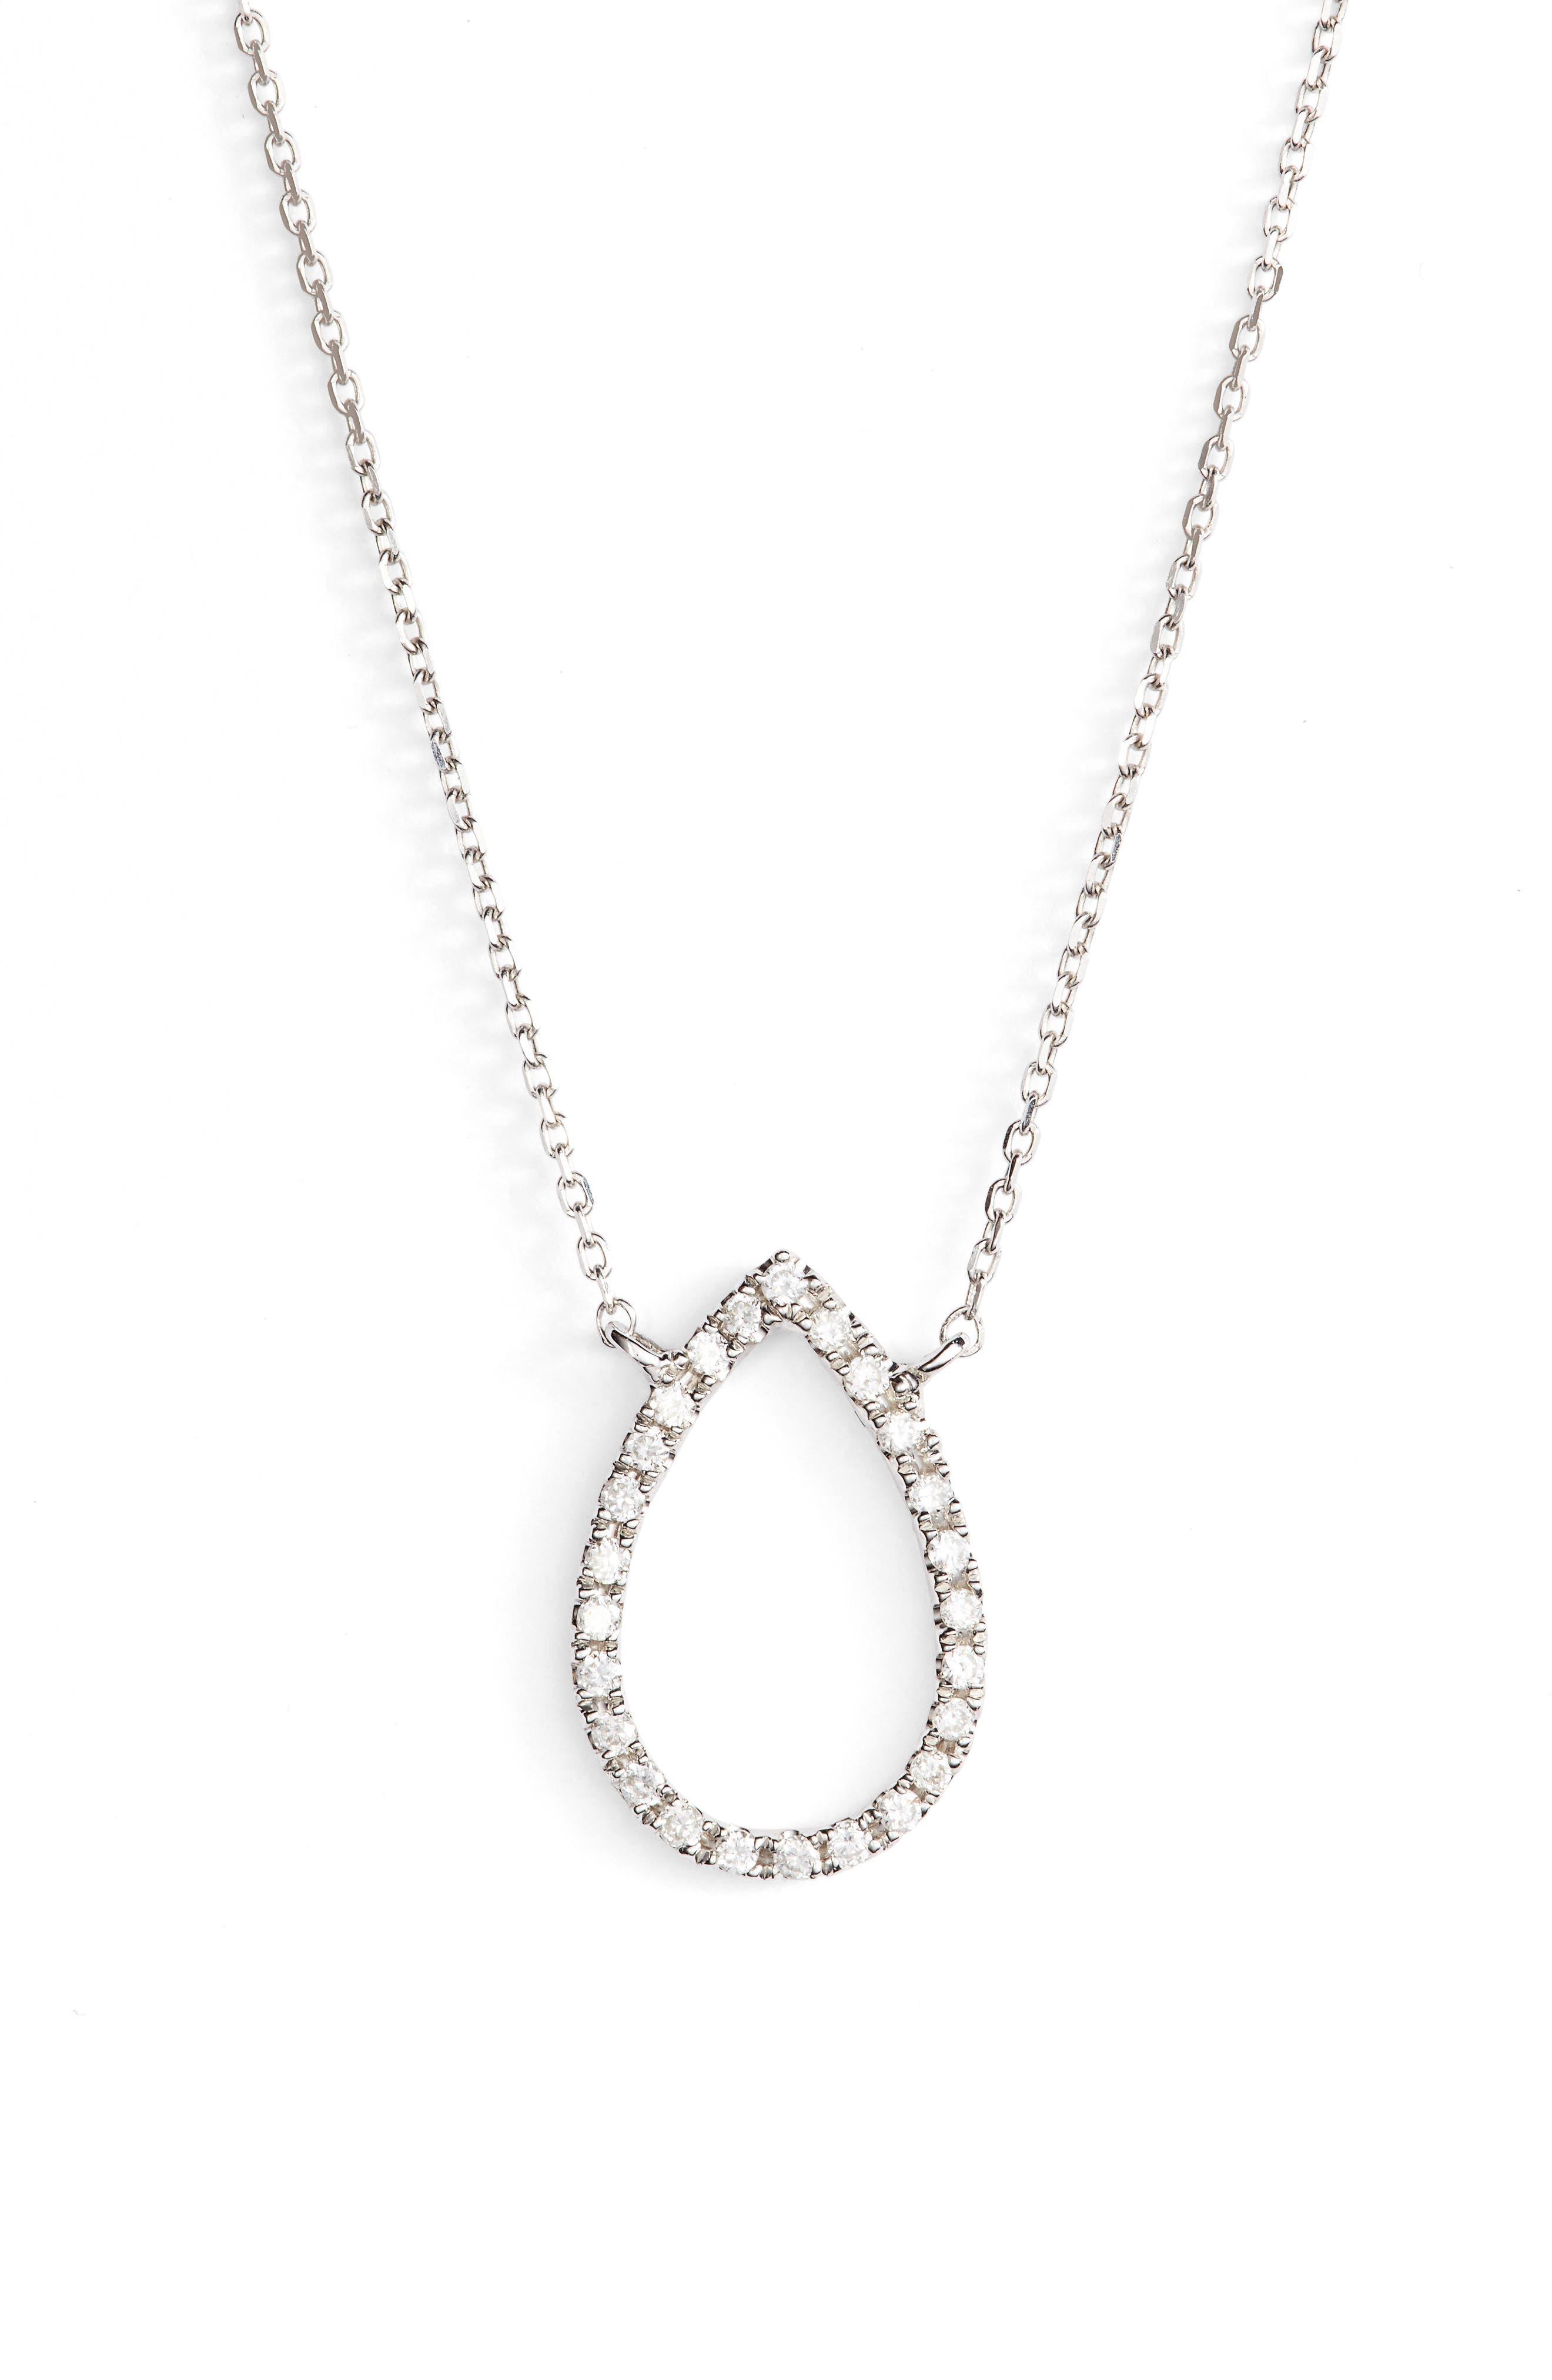 Main Image - Dana Rebecca Designs Marquise Diamond Pendant Necklace